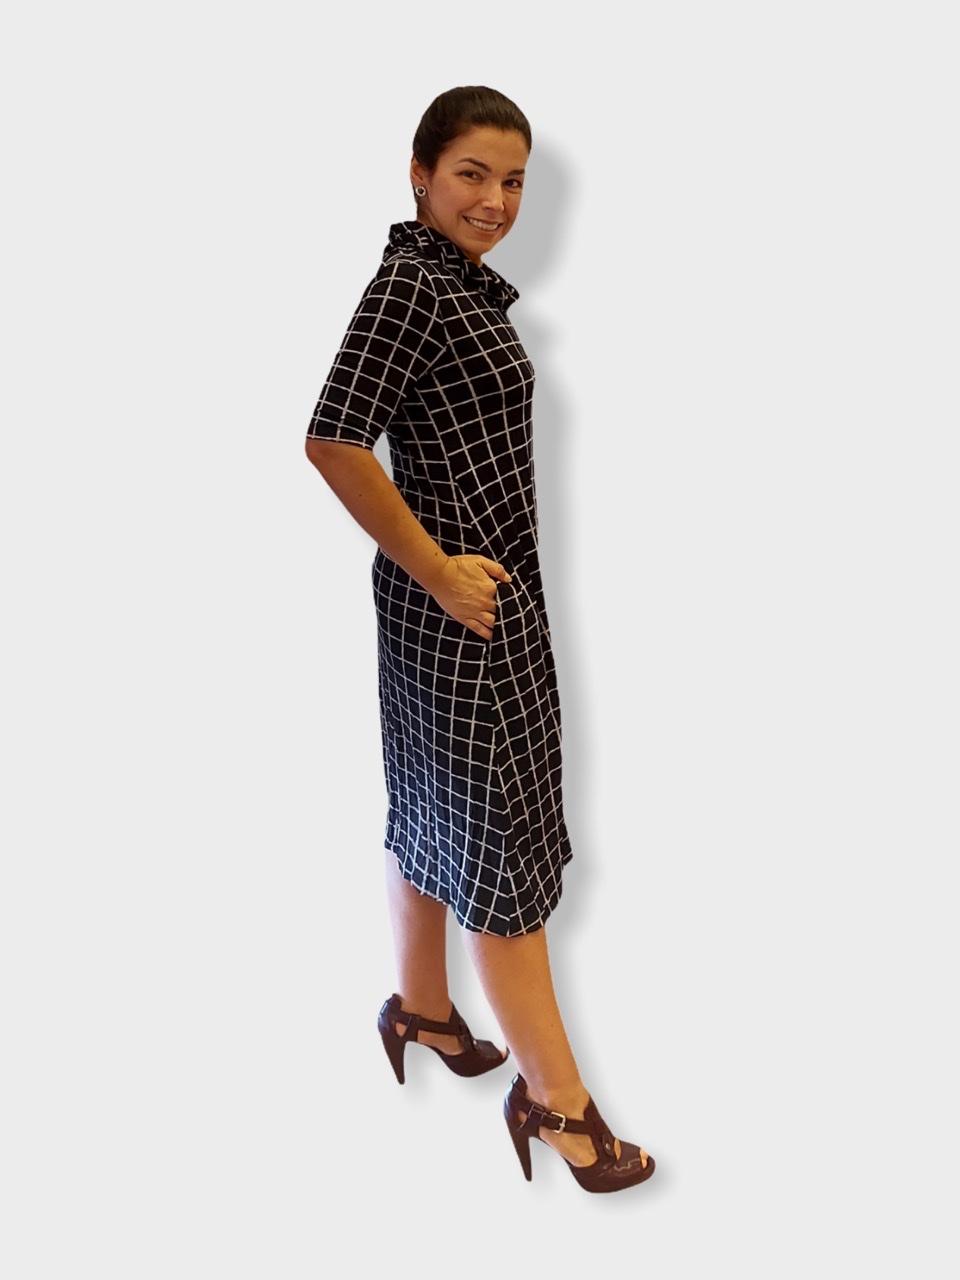 Vestido Xadrez com gola  - Vivian Bógus